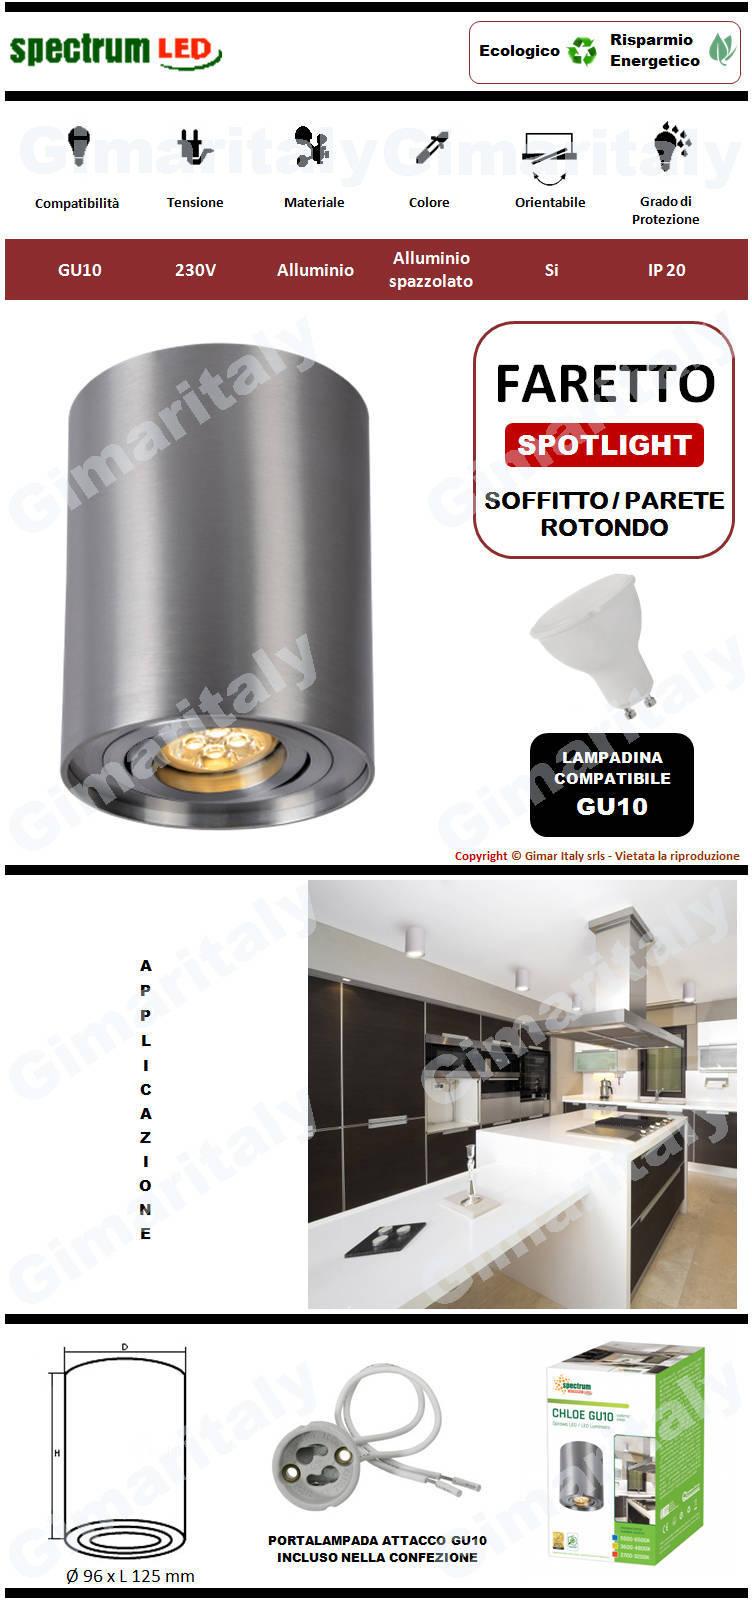 Portafaretto Orientabile Rotondo Grigio Satinato da soffitto per lampadina GU10 Spectrum